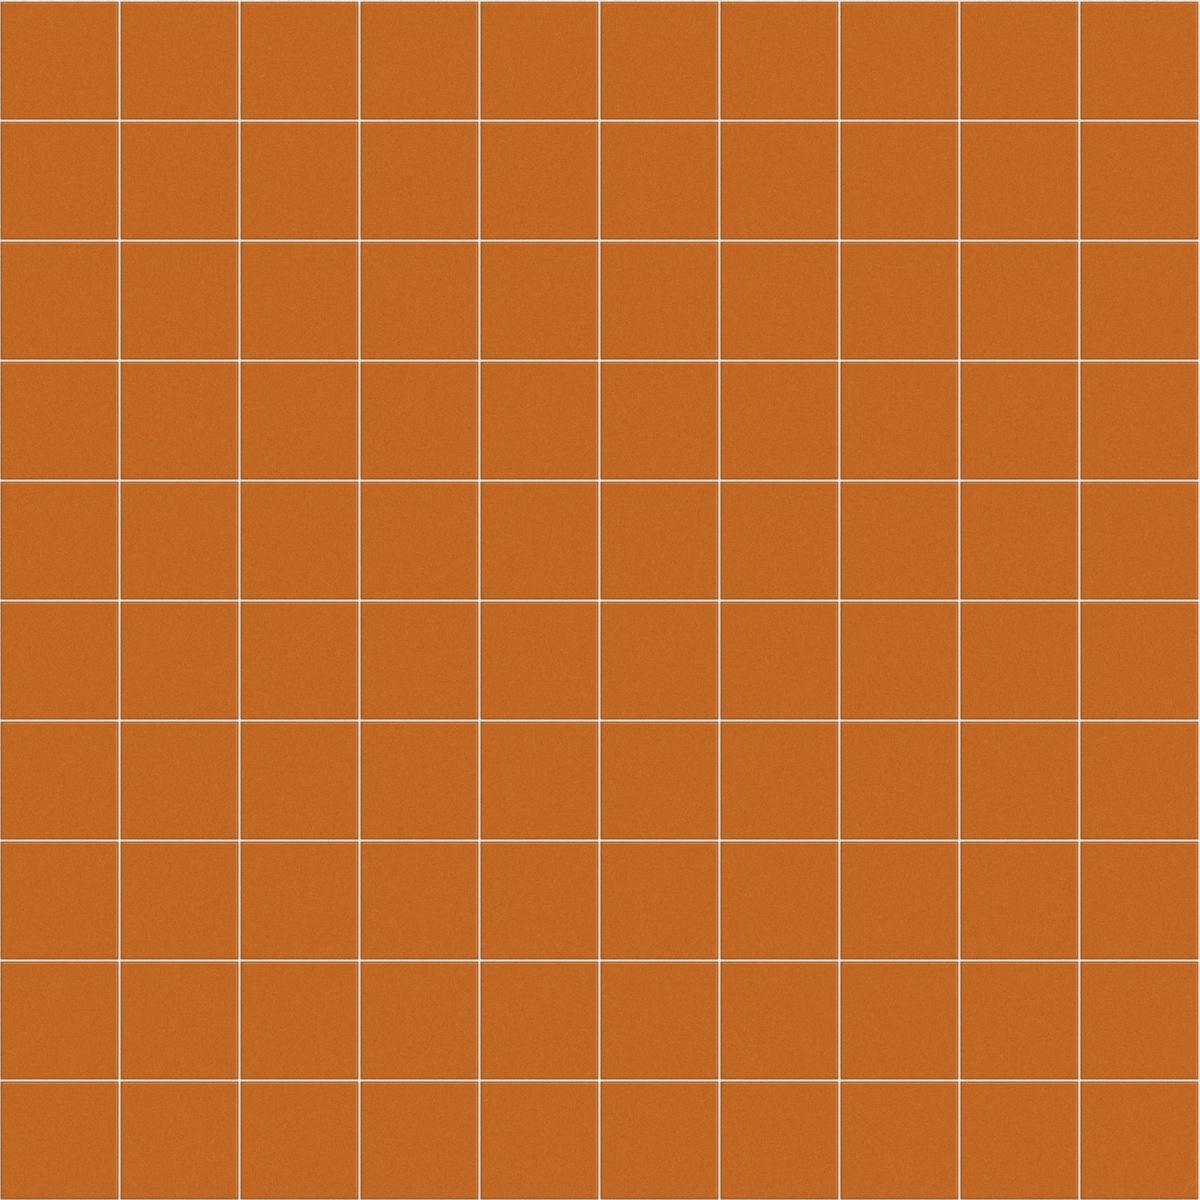 Piastrelle Arancioni Per Bagno ceramica bardelli piastrella arancione d2 5x5 cm lucida, da